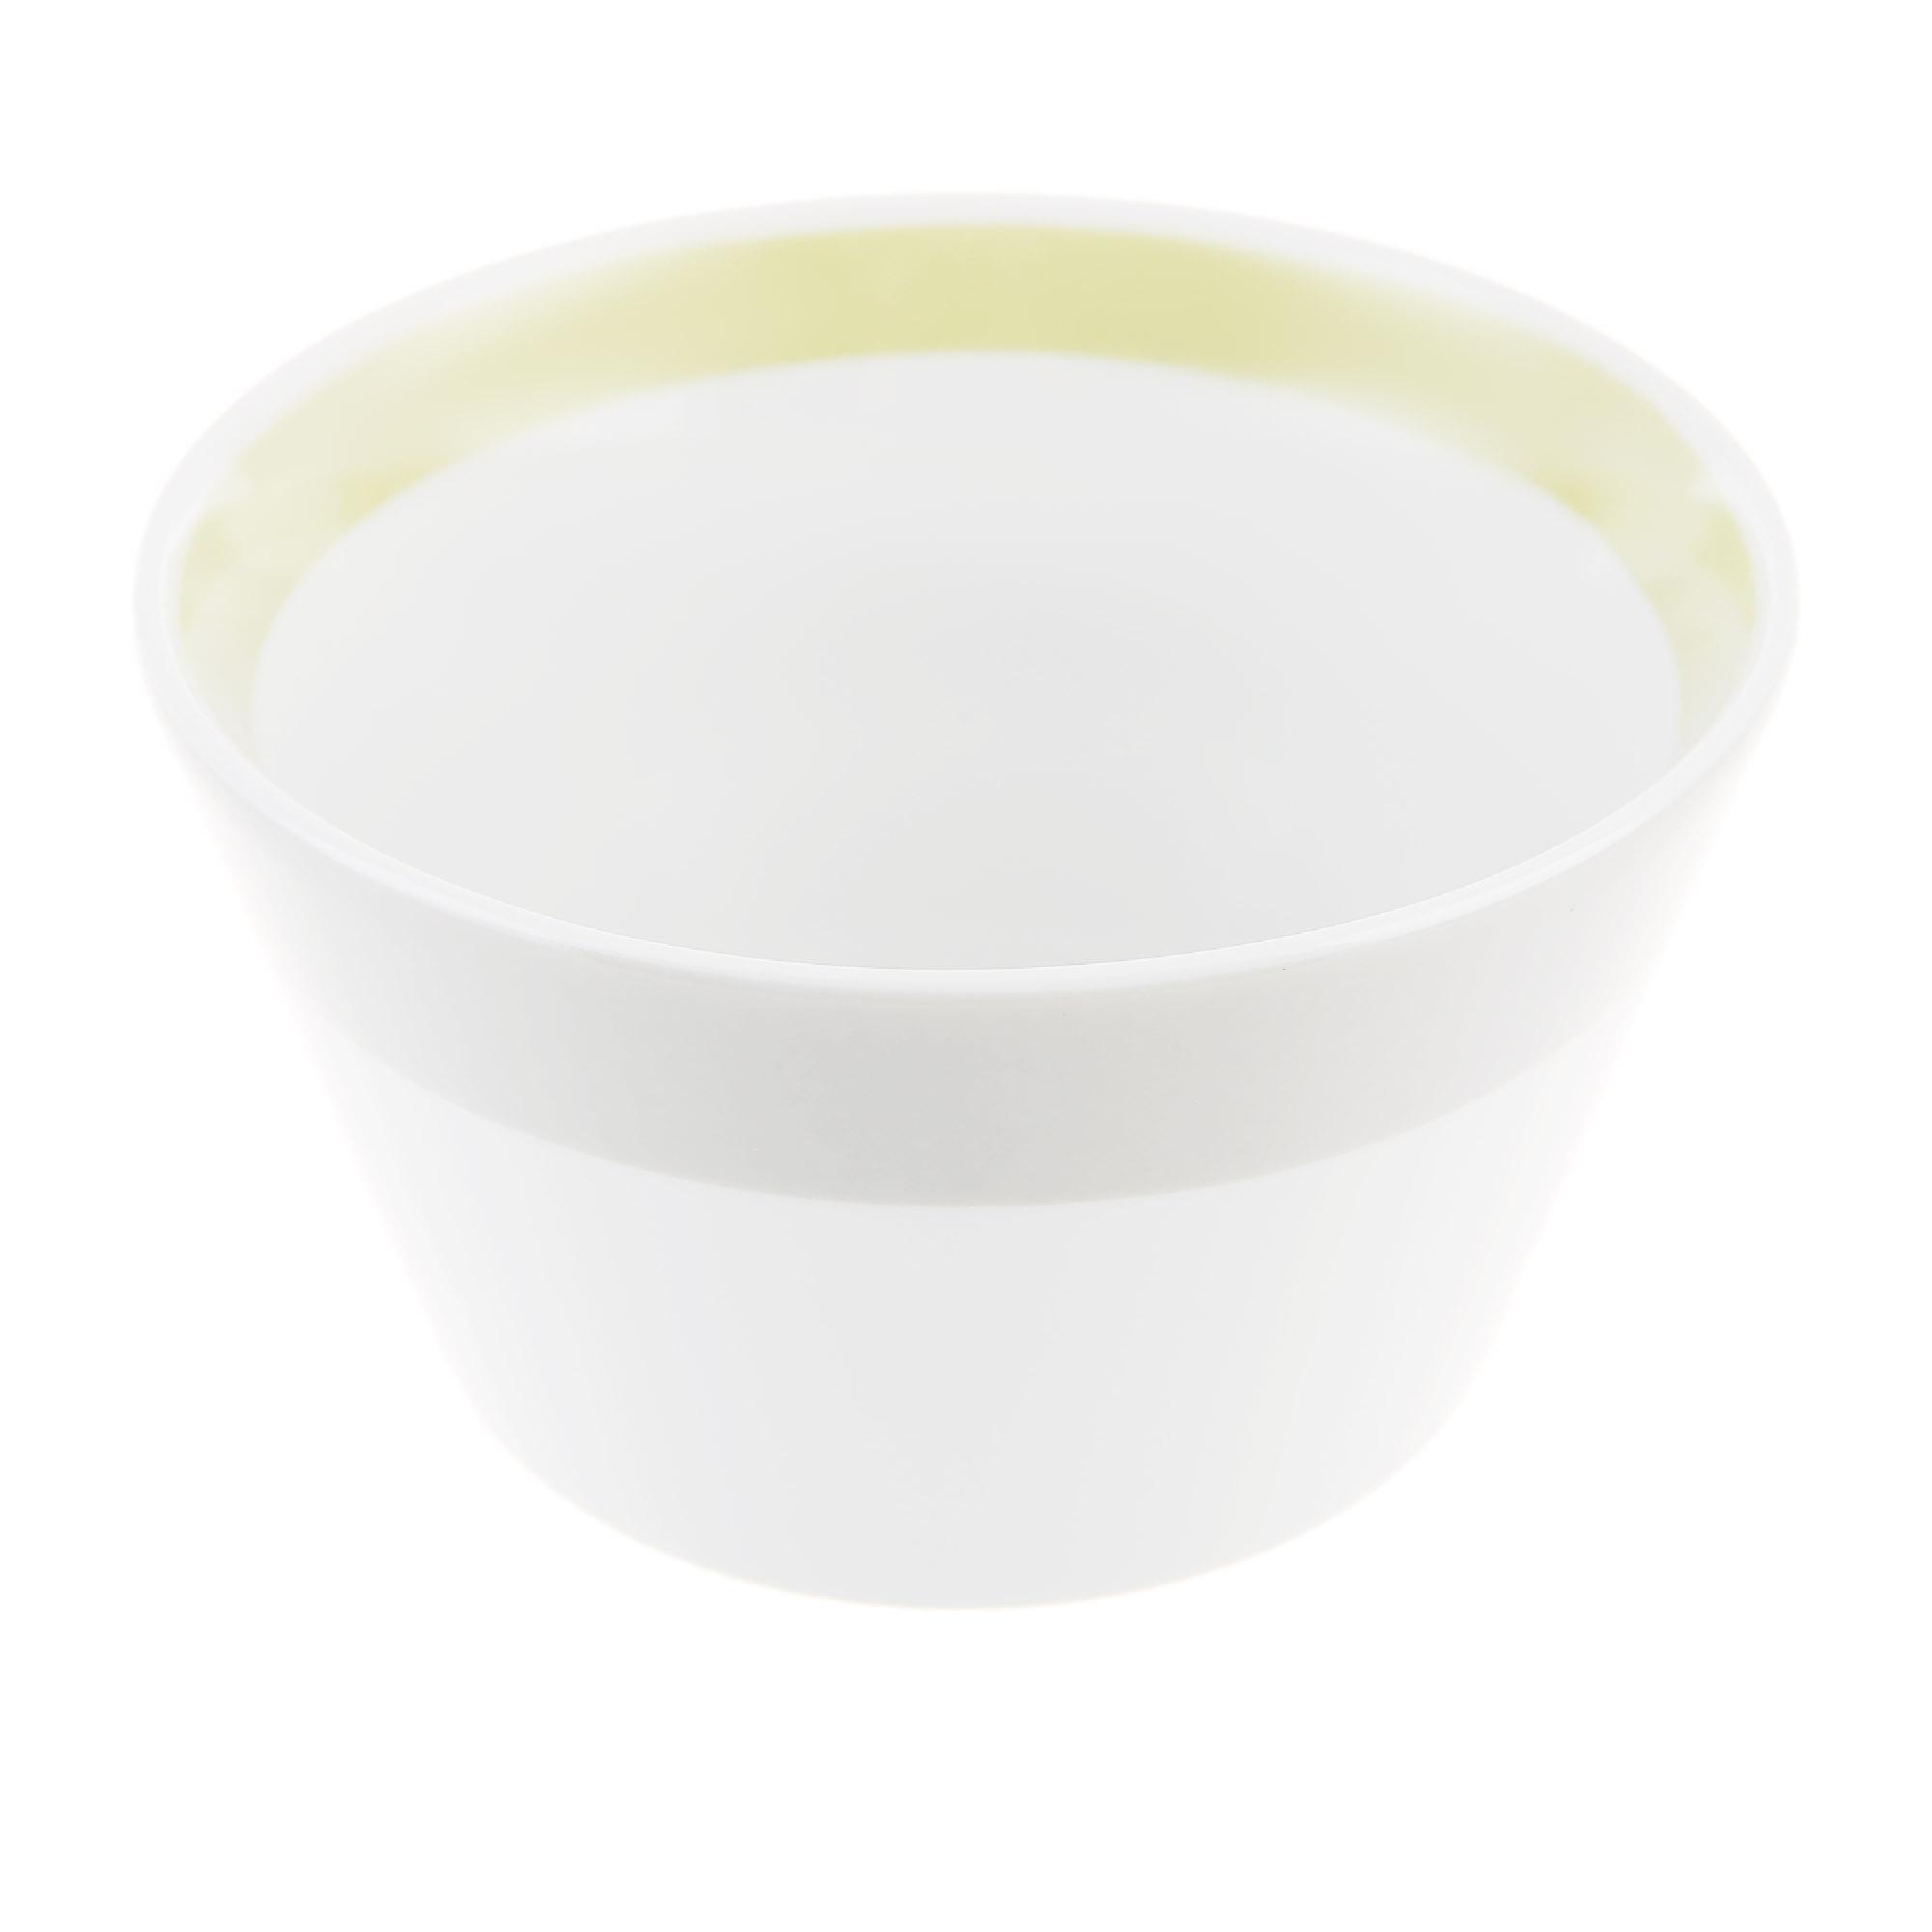 Салатник Yves De La Rosiere Cocooning 0,38 л тарелка плоская yves de la rosiere cocooning 27 см